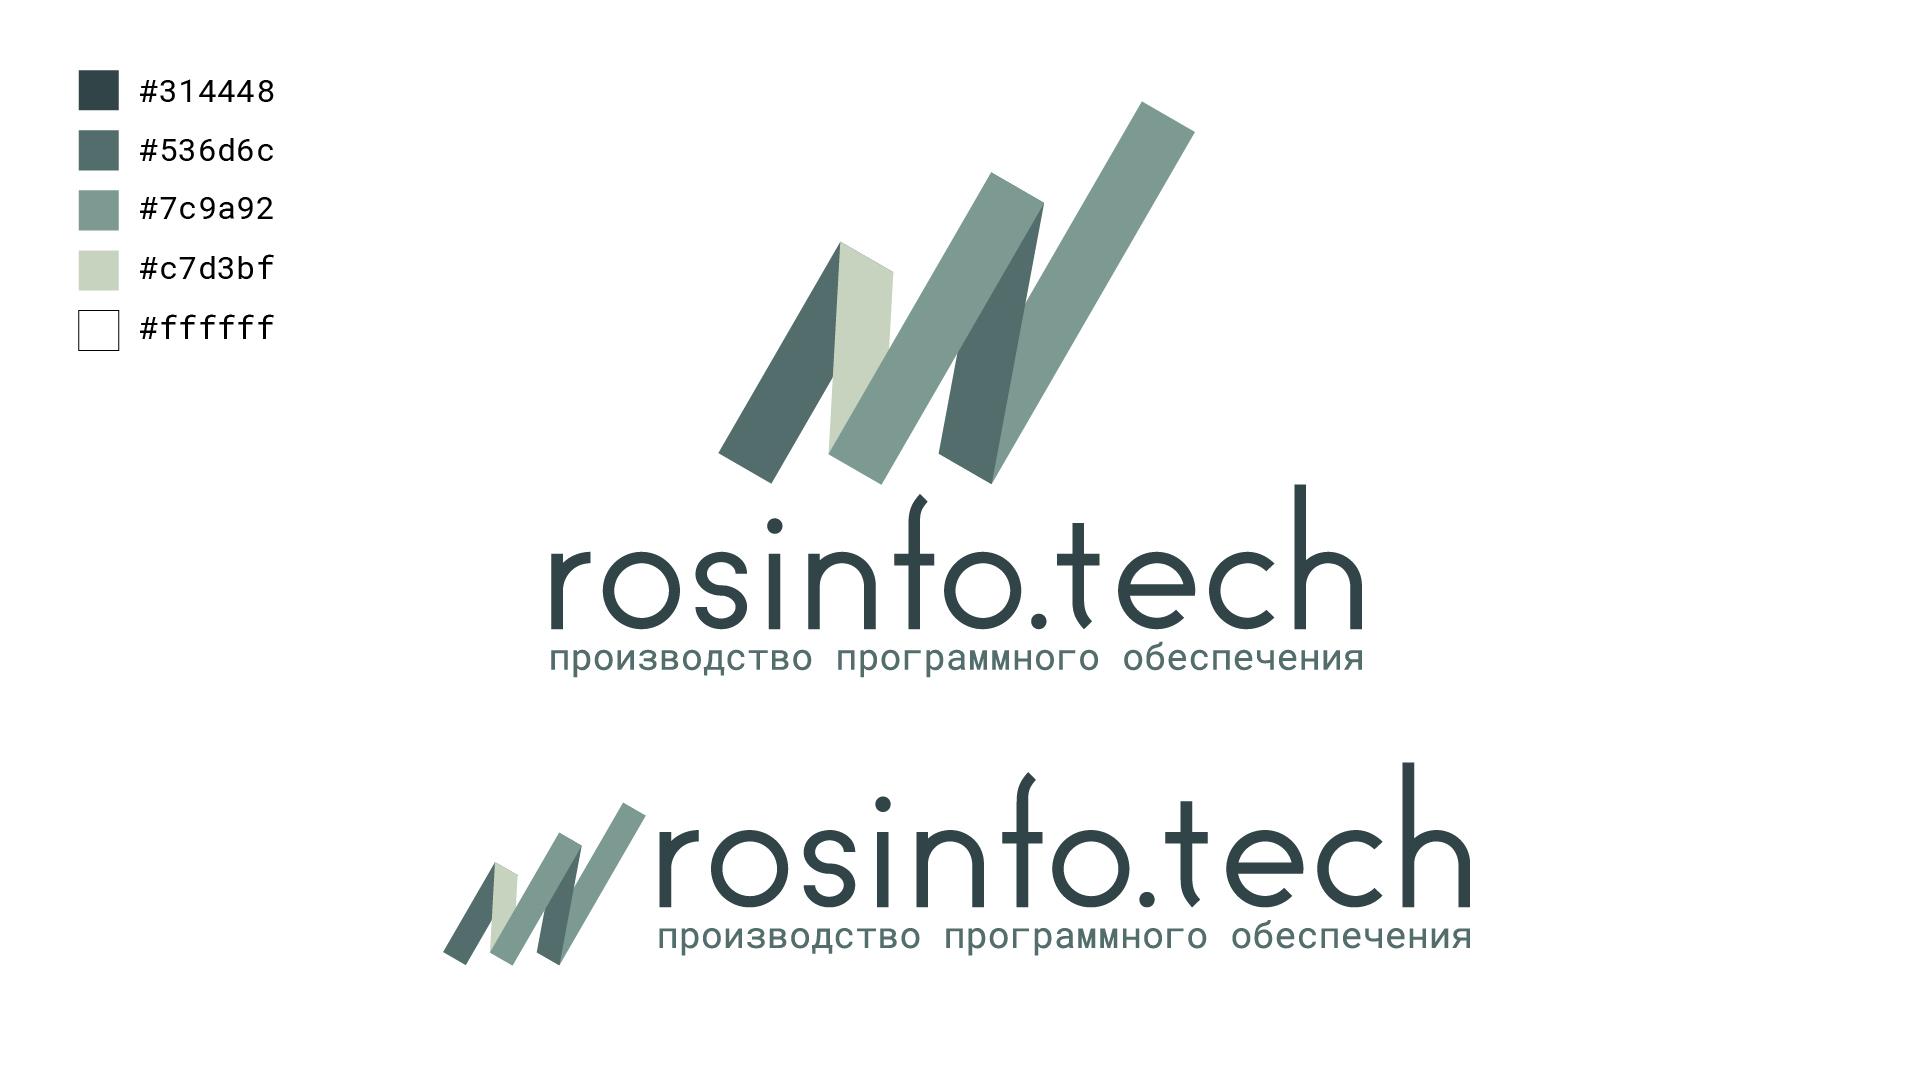 Разработка пакета айдентики rosinfo.tech фото f_9125e1c634703b9f.jpg